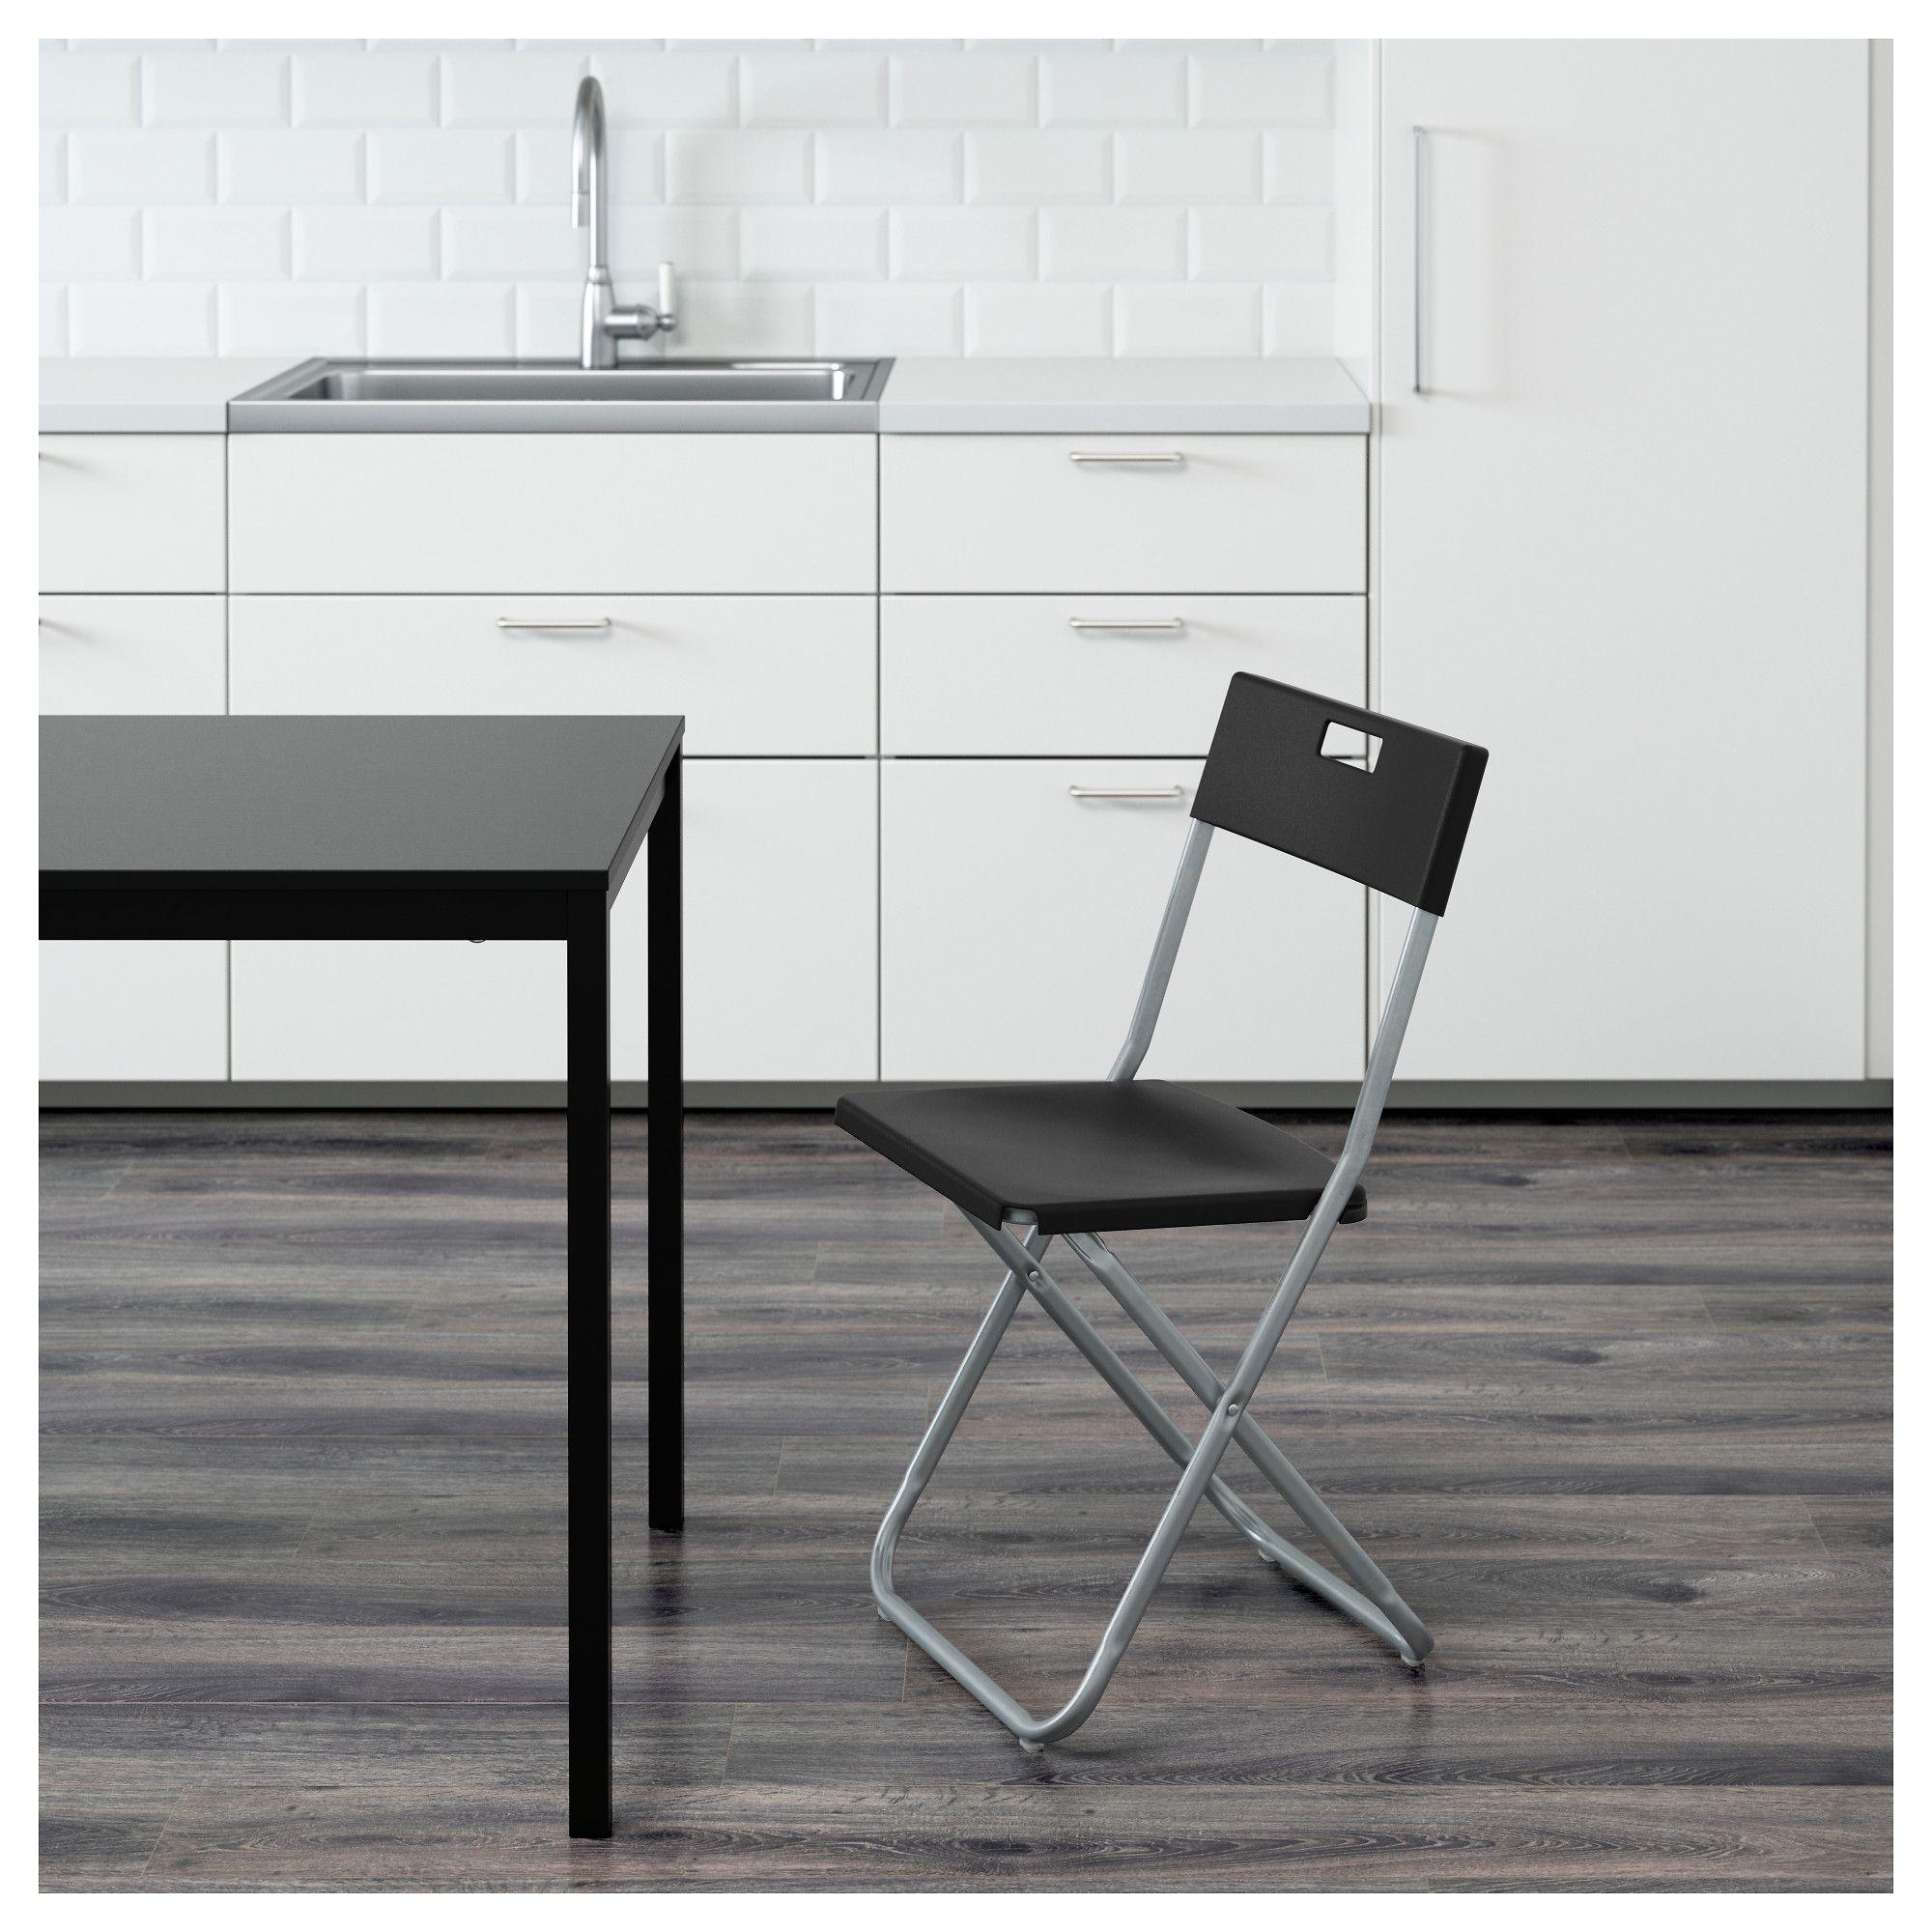 Gunde Folding Chair White Ikea Folding Chair Ikea Folding